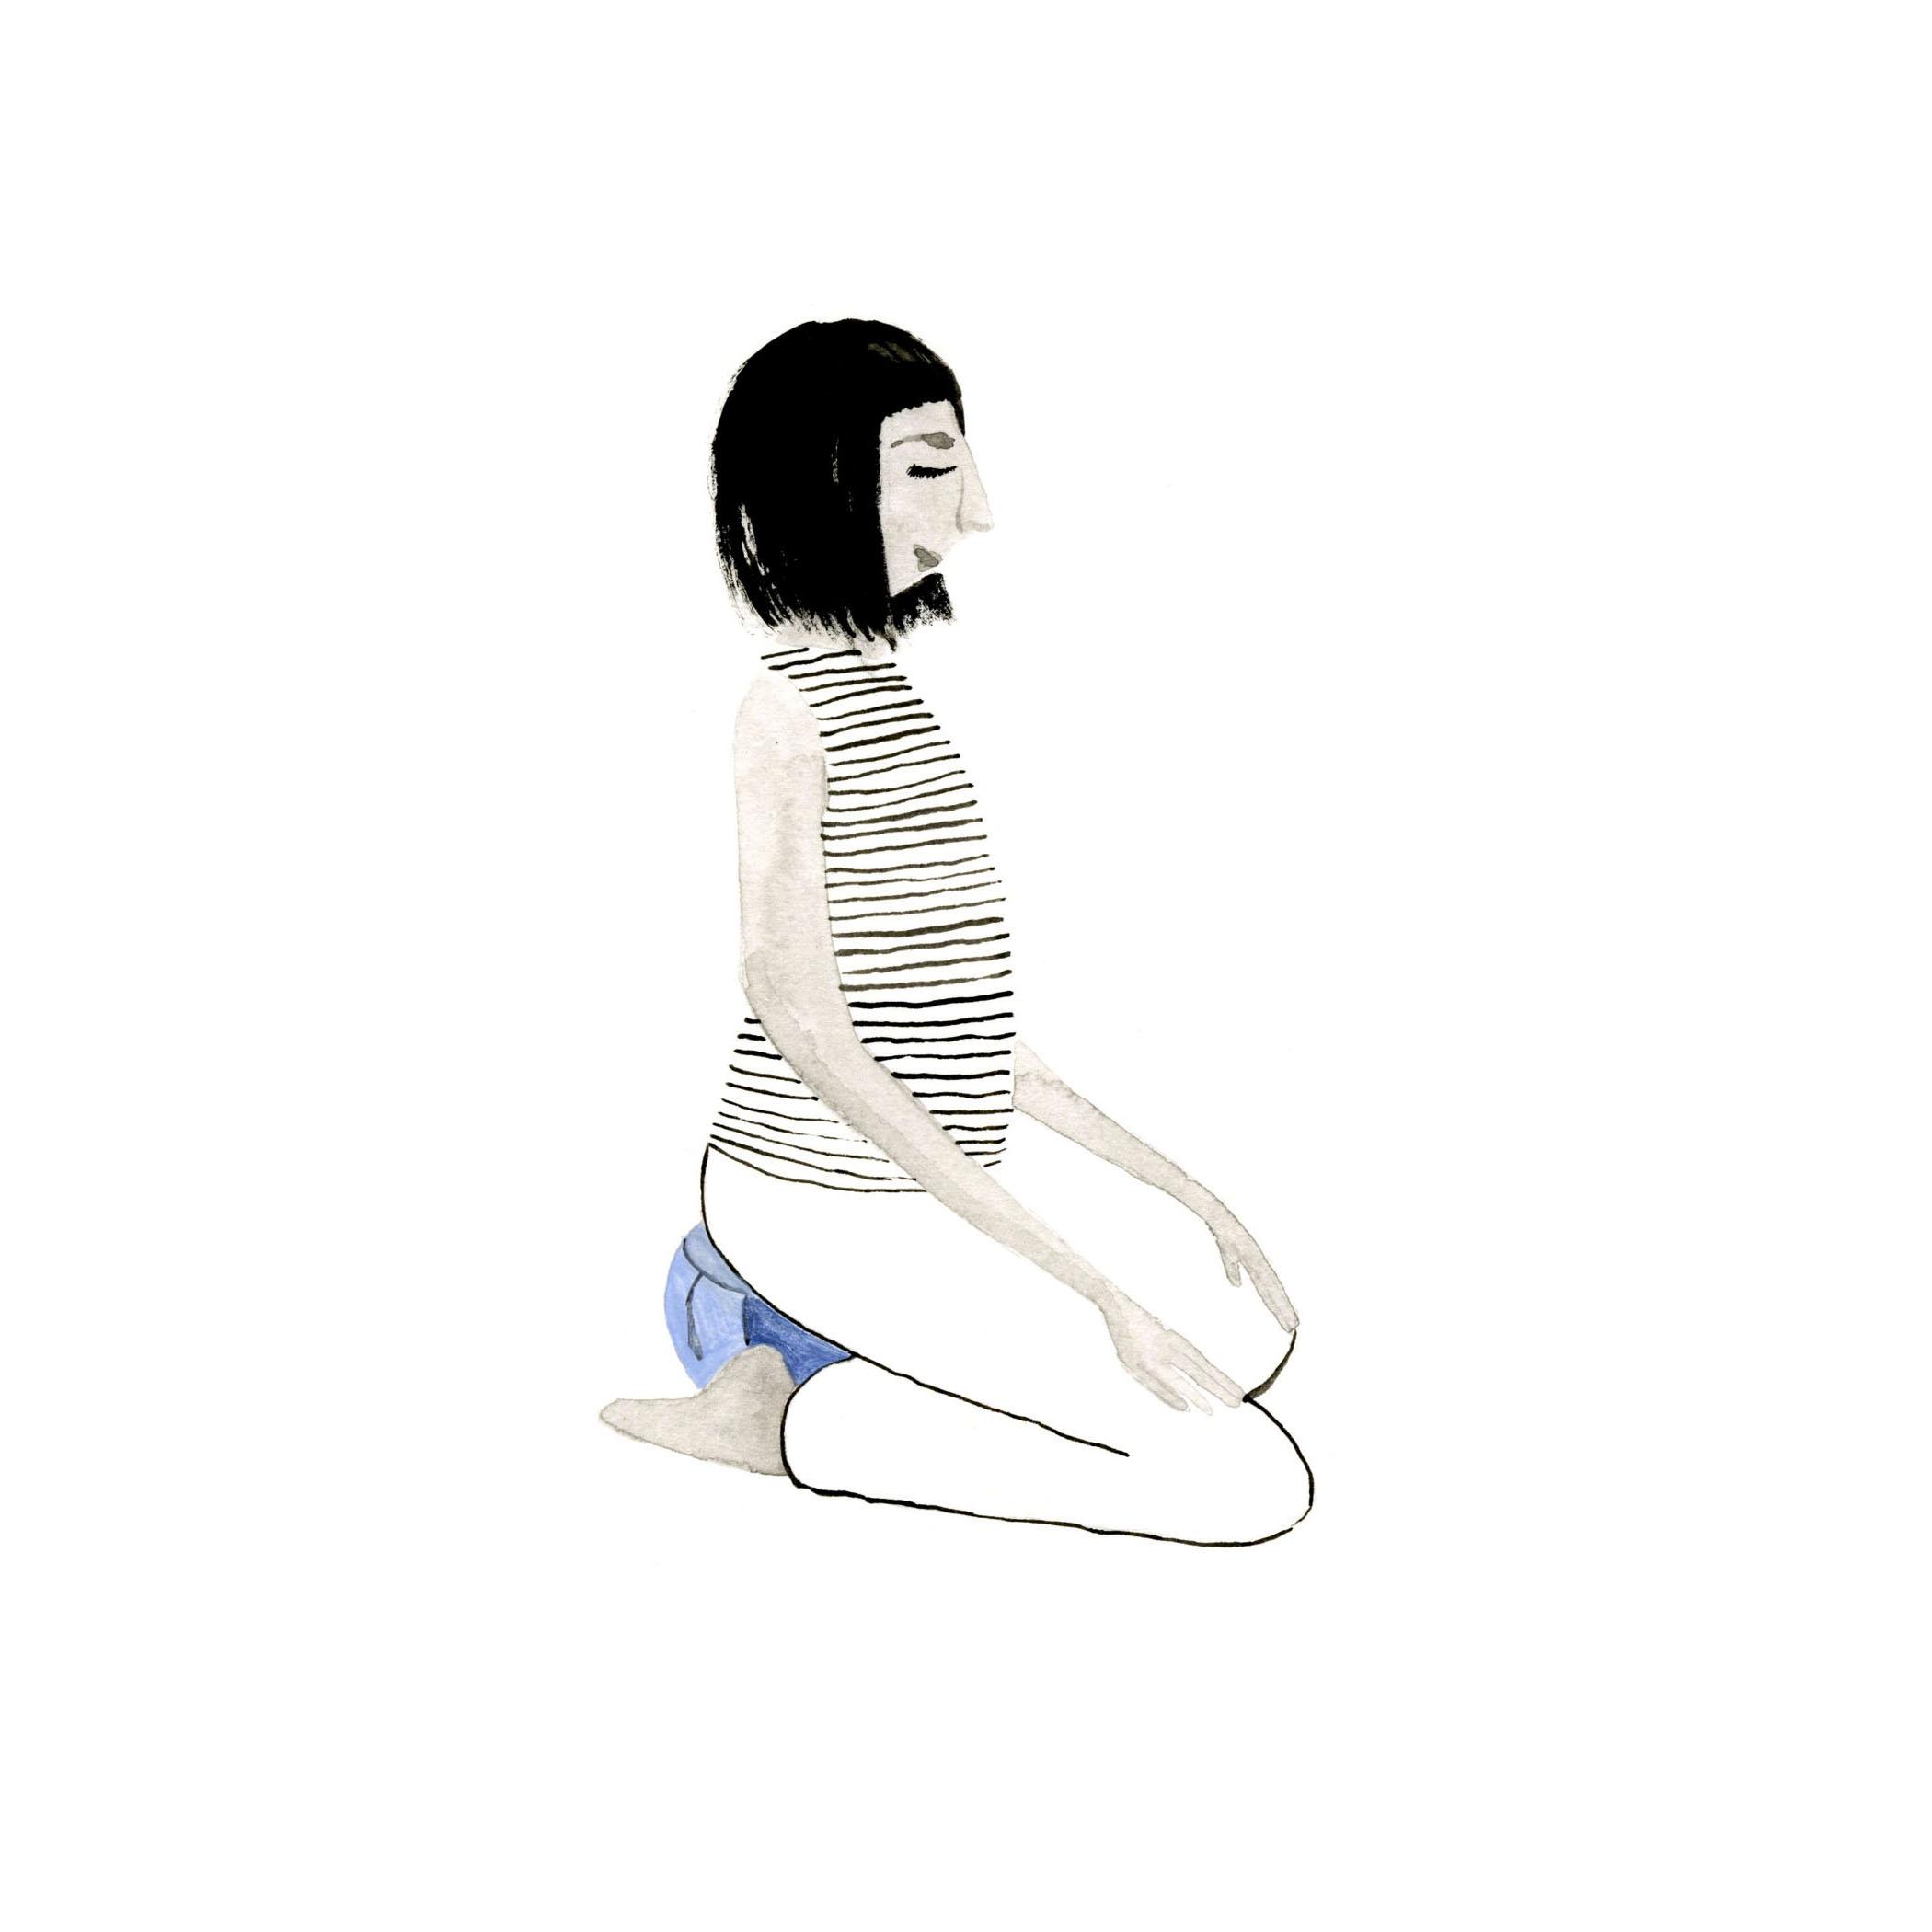 KNEELING, CUSHION between LEGS